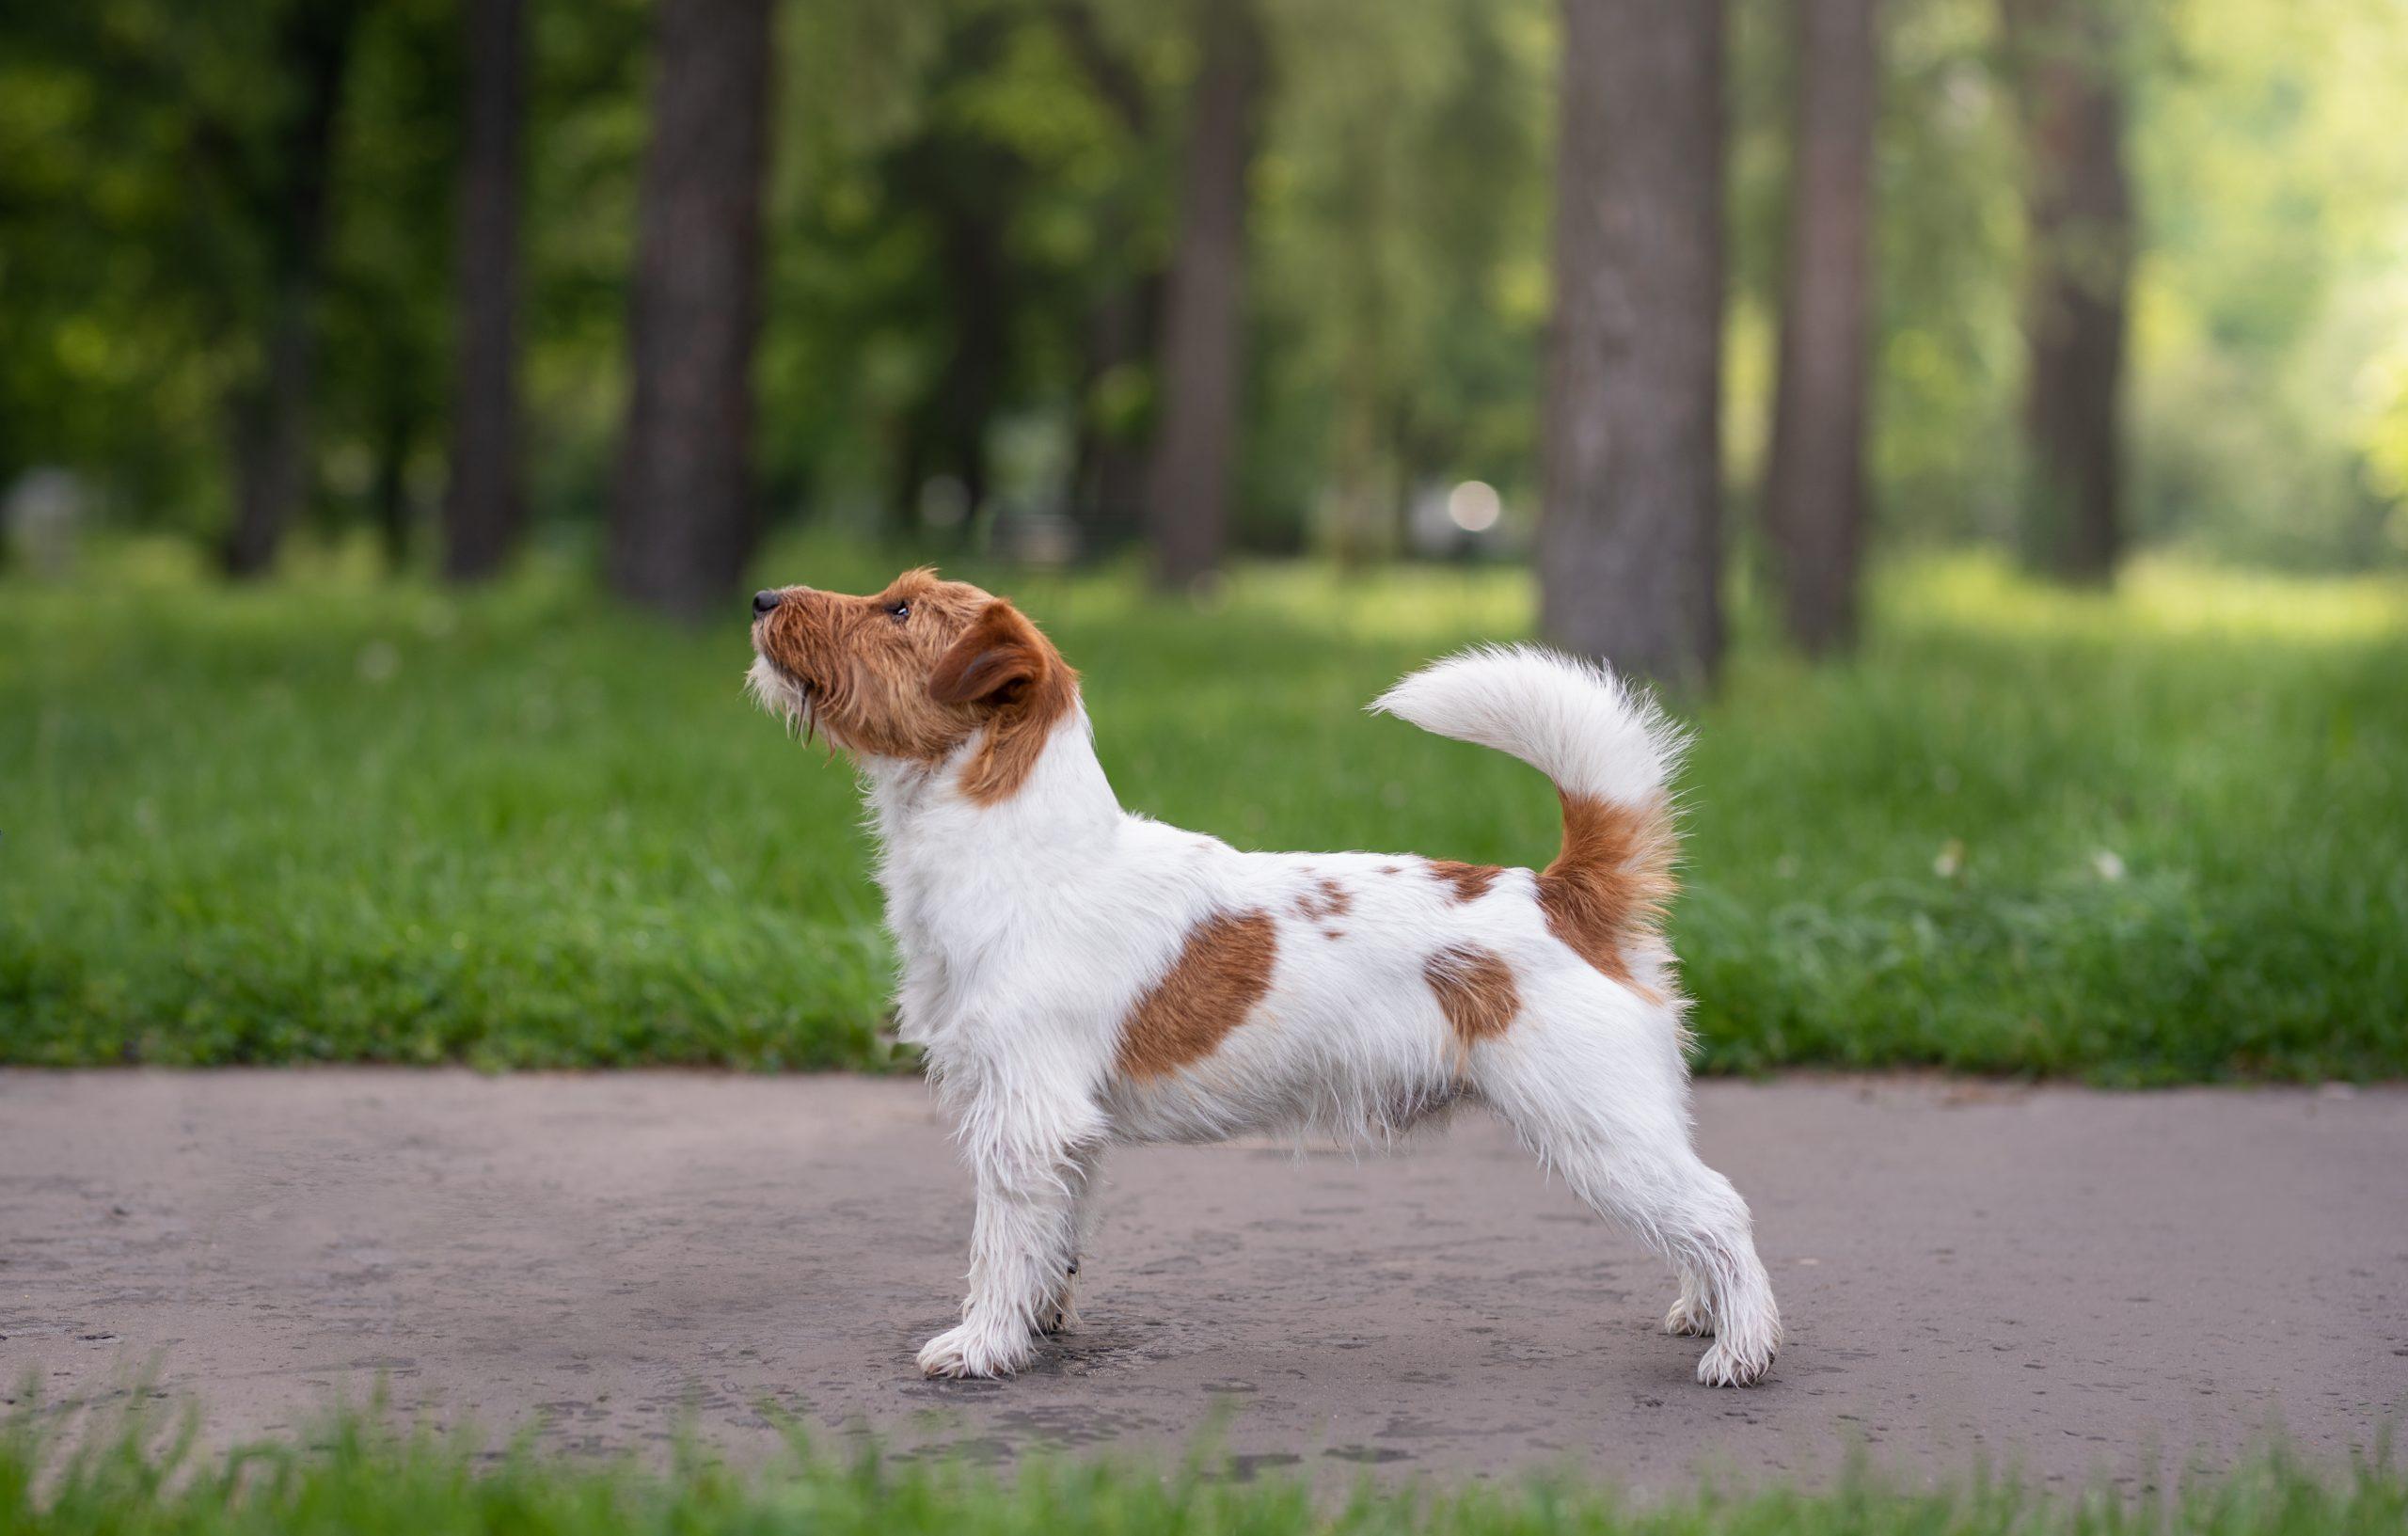 sesja eksterierowa, psy wystawowe, zapowiedź miotu, reproduktor, sesja psów wystawowych